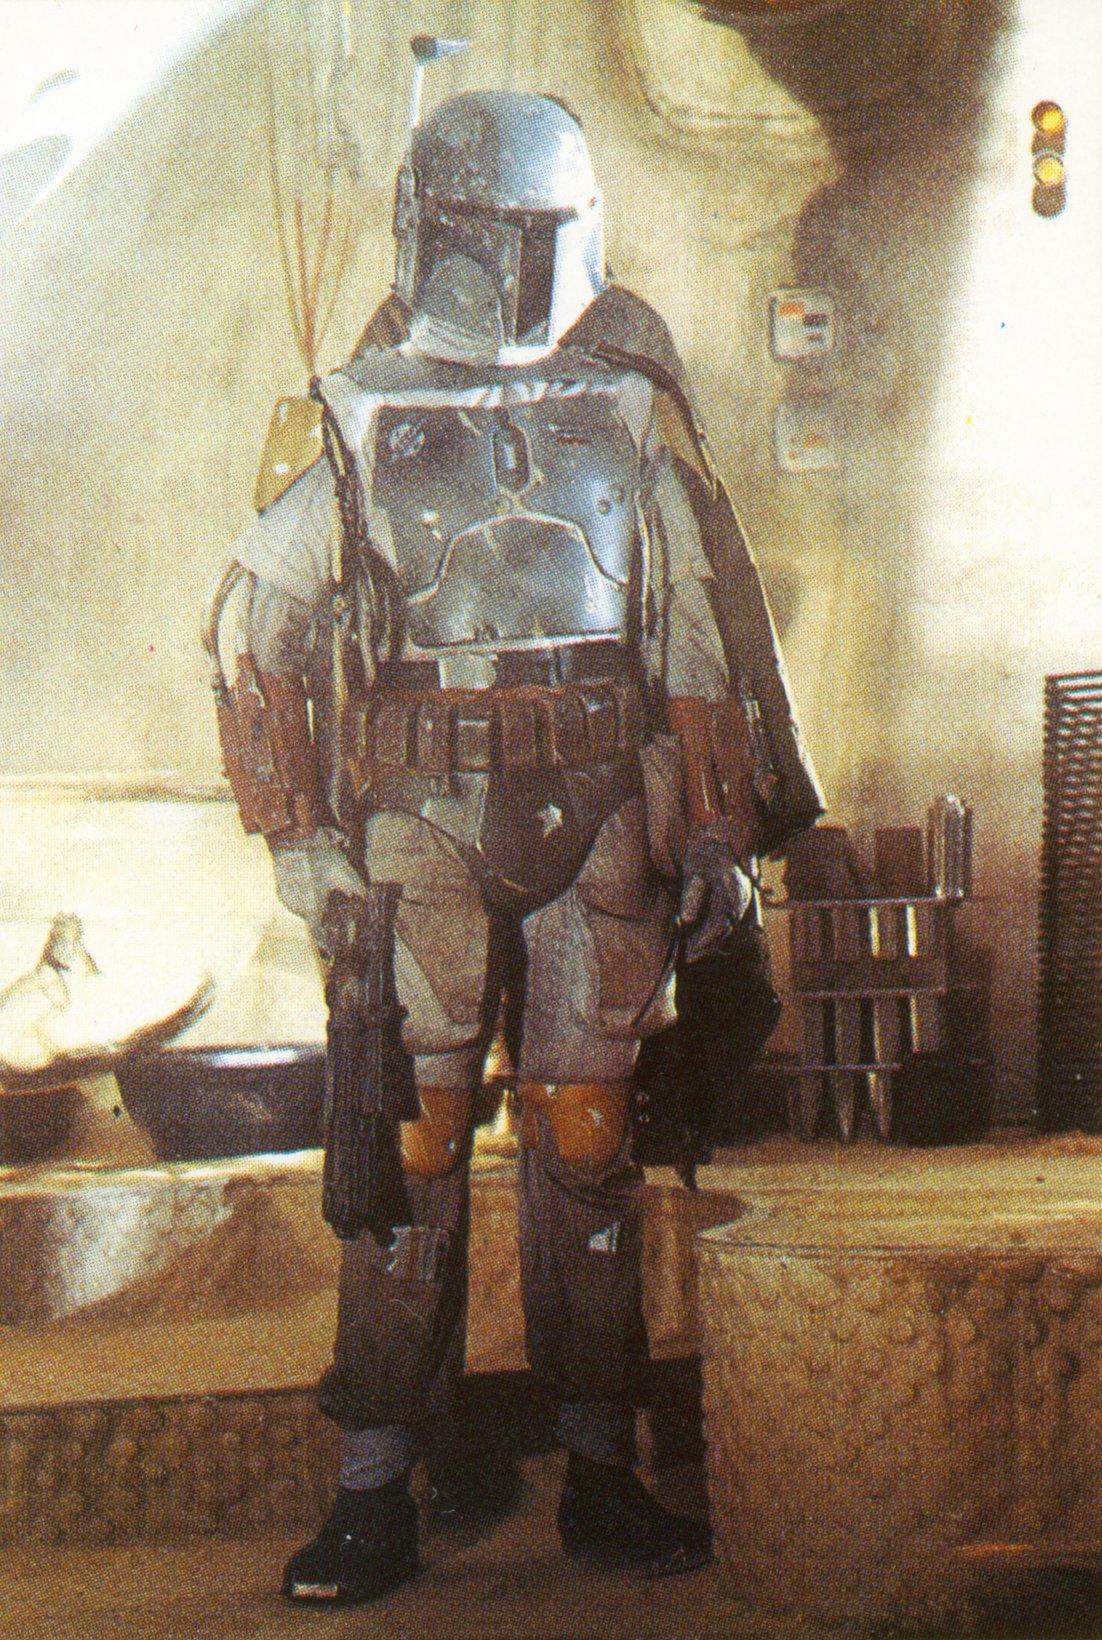 Boba-Fett-Costume-Return-of-the-Jedi-Jabba-01.jpg